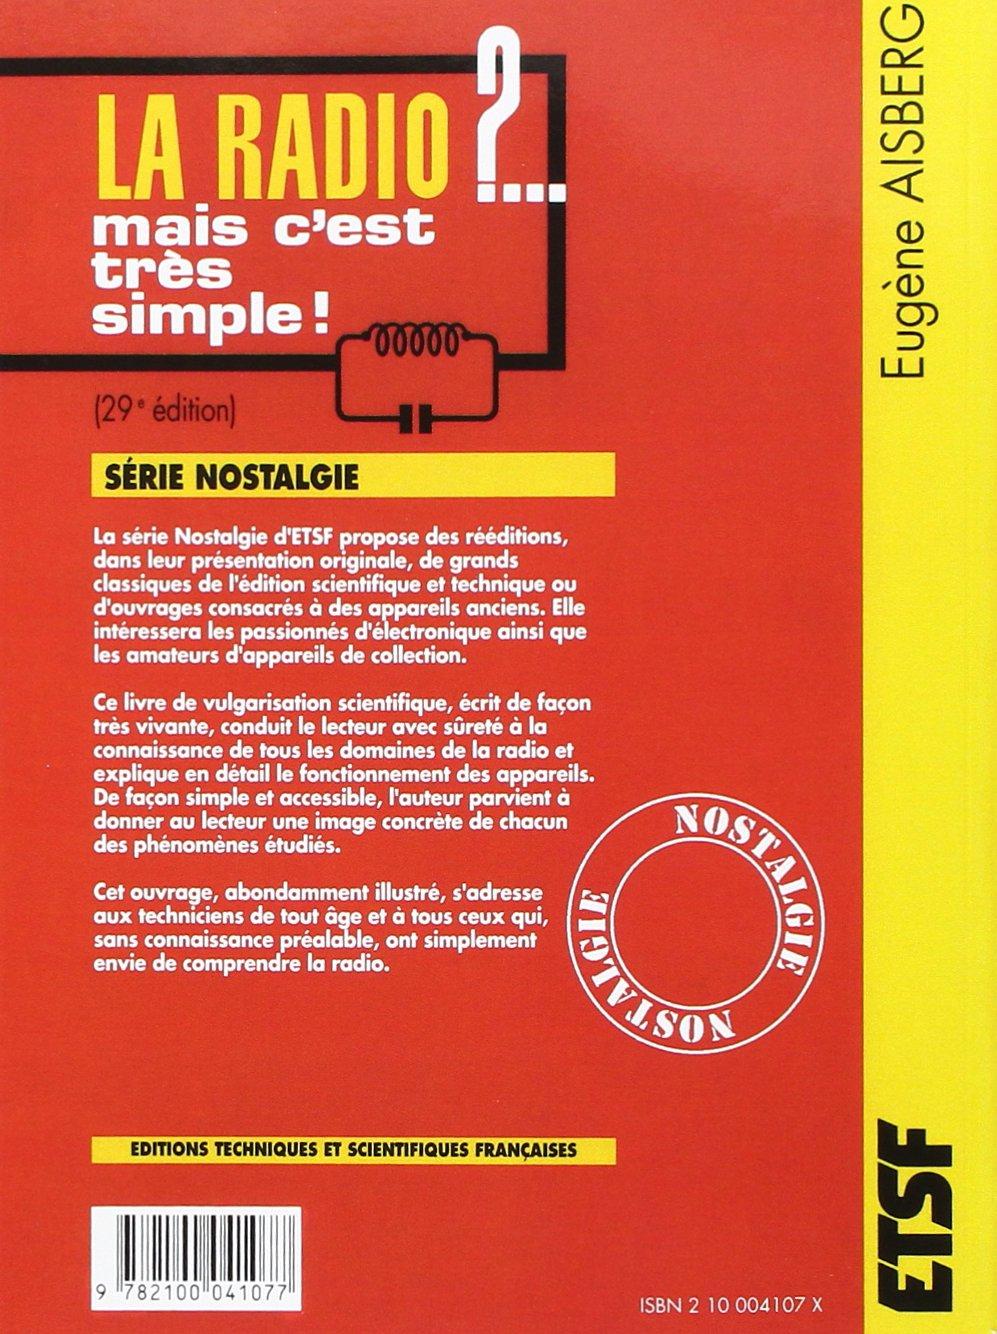 db99186a7e974e Amazon.fr - La radio  . mais c est très simple ! - 29ème édition - Eugène  Aisberg - Livres